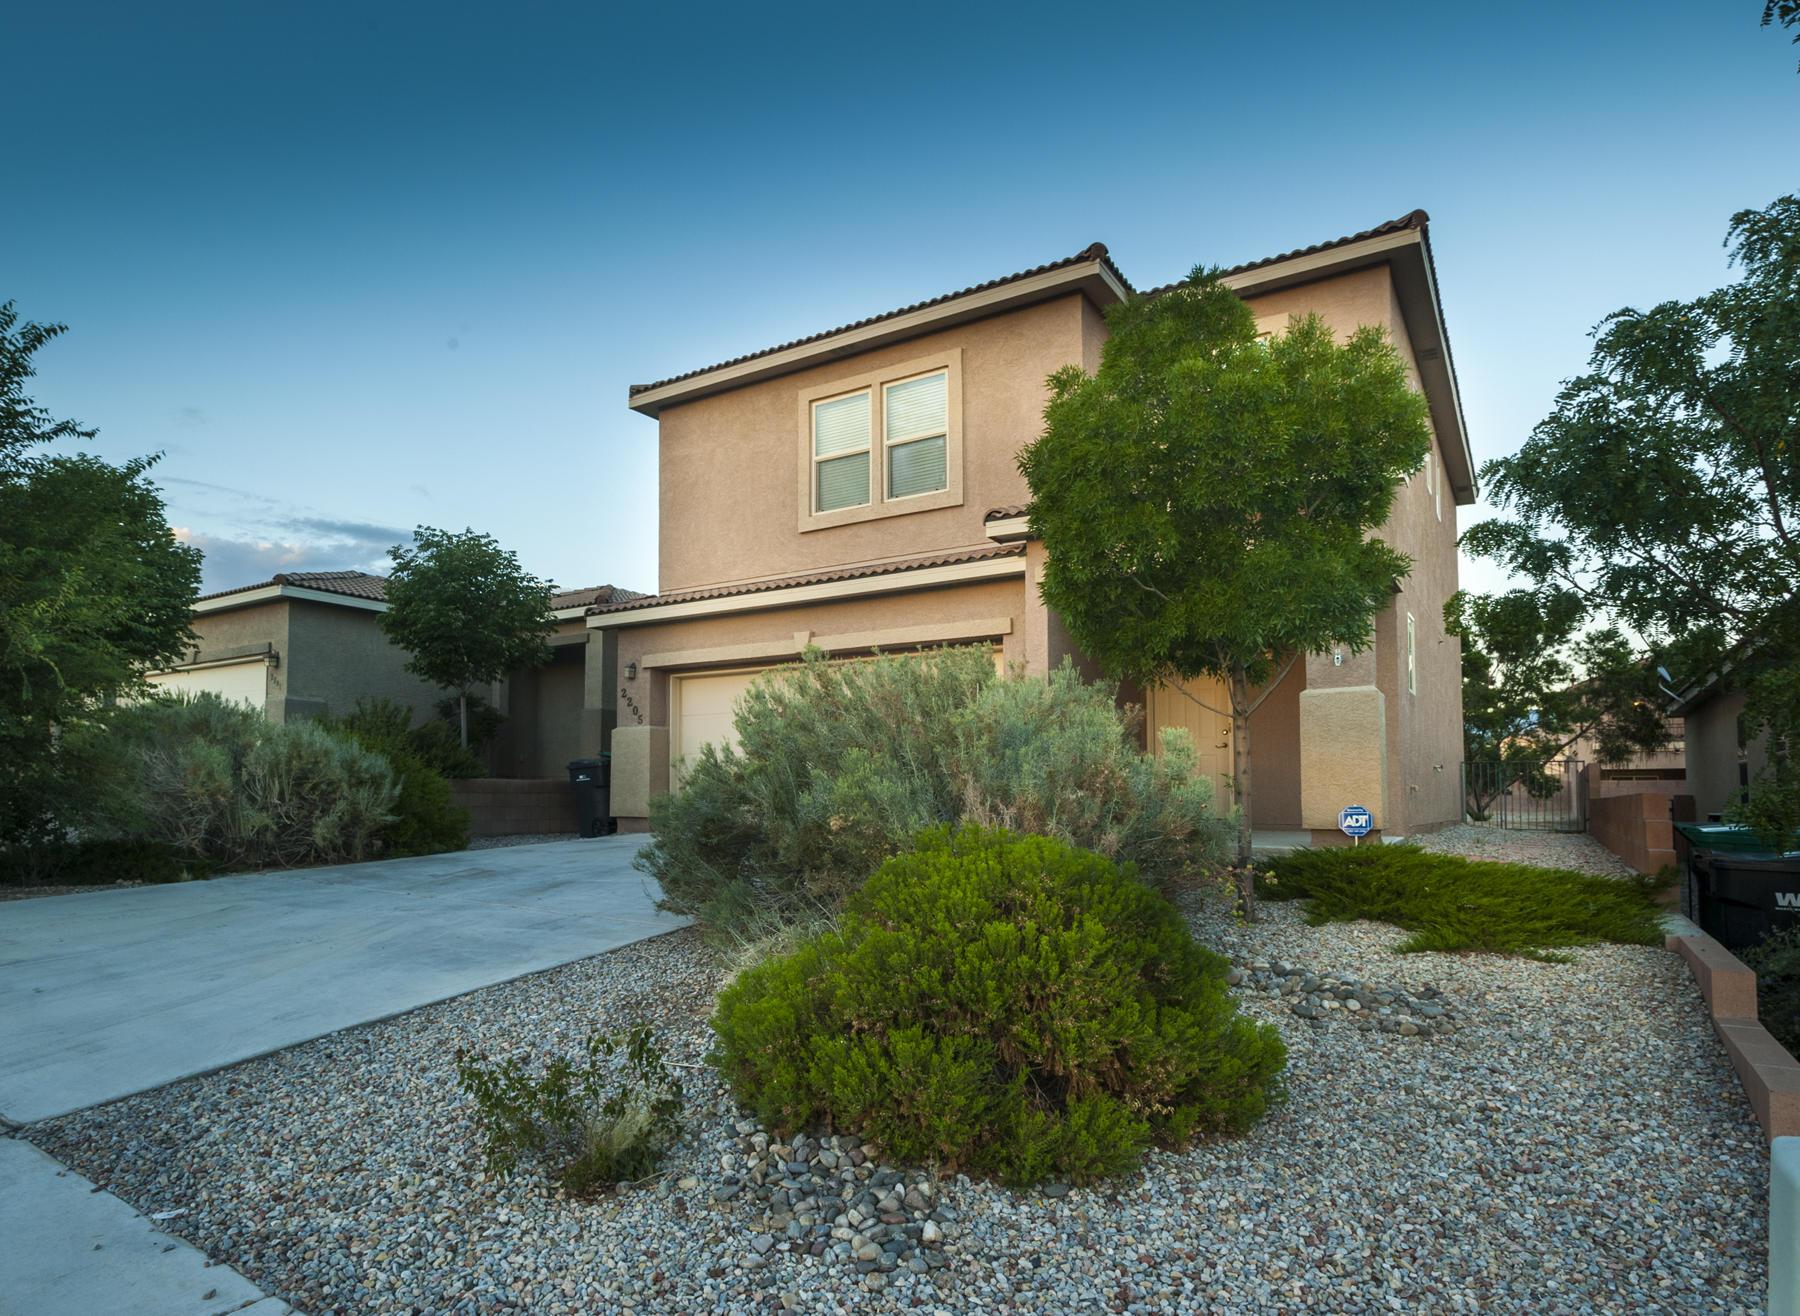 2205 SE Delfinio Drive, Rio Rancho, New Mexico